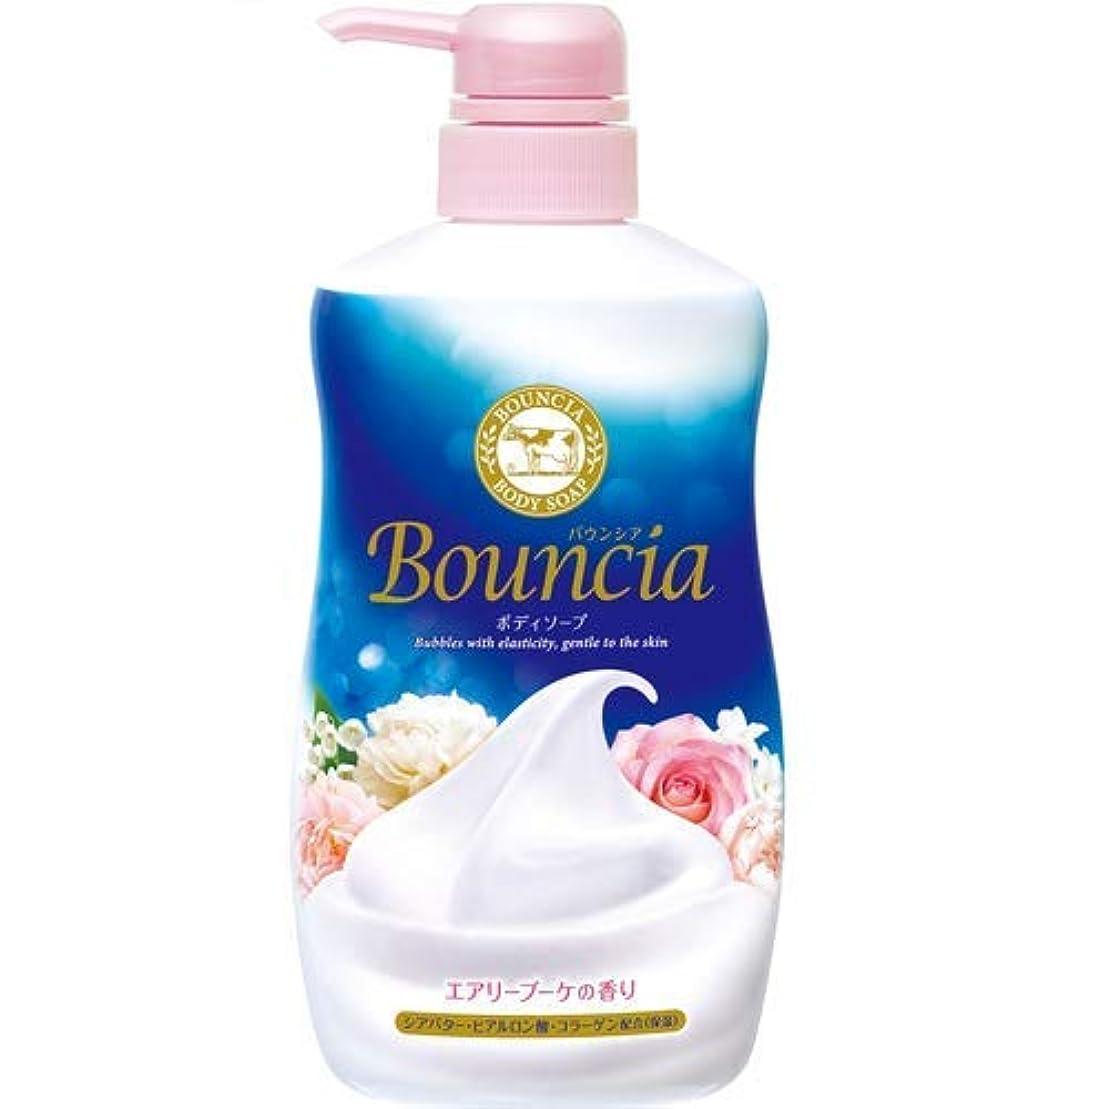 急流債務者スナックバウンシア ボディソープ エアリーブーケの香り ポンプ付 500mL